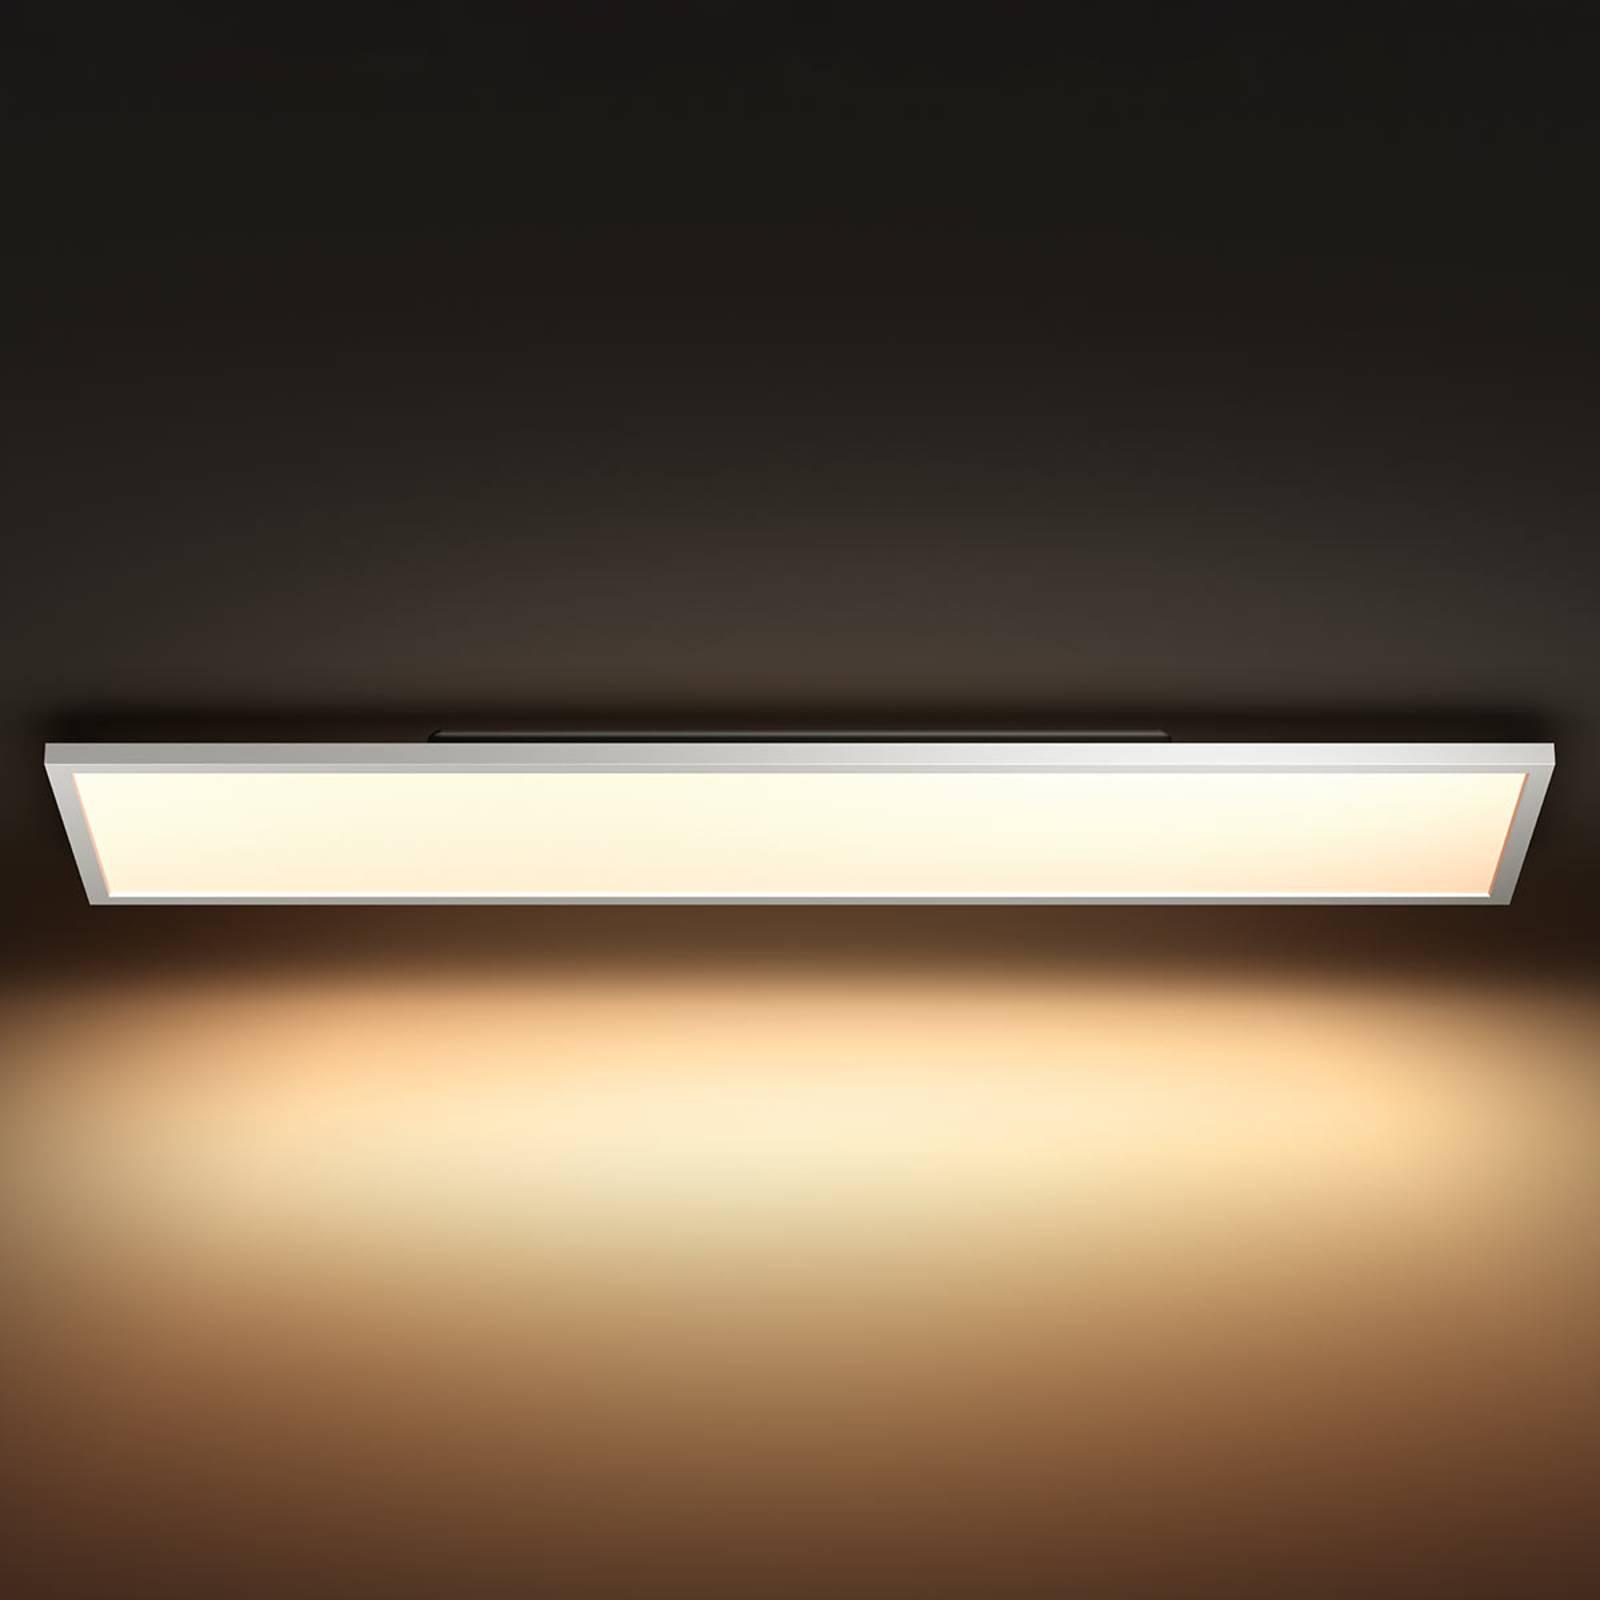 Philips Hue Aurelle LED-paneeli kulmikas 120x30 cm